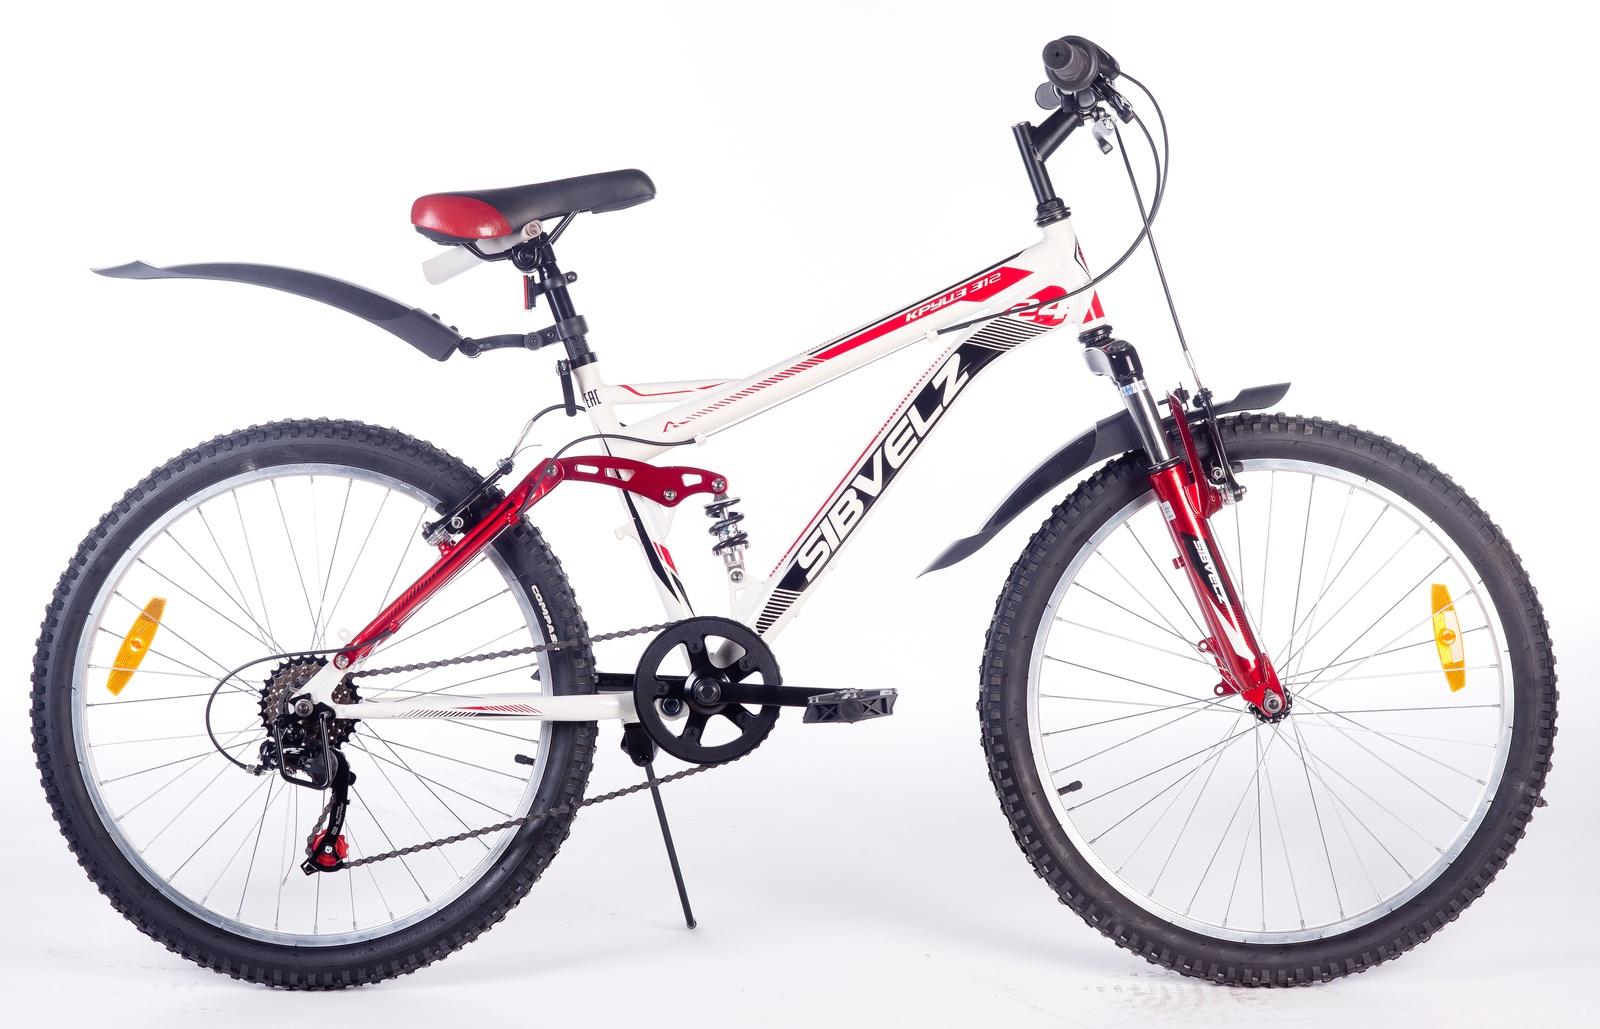 Велосипед Круиз 312 бело_красный